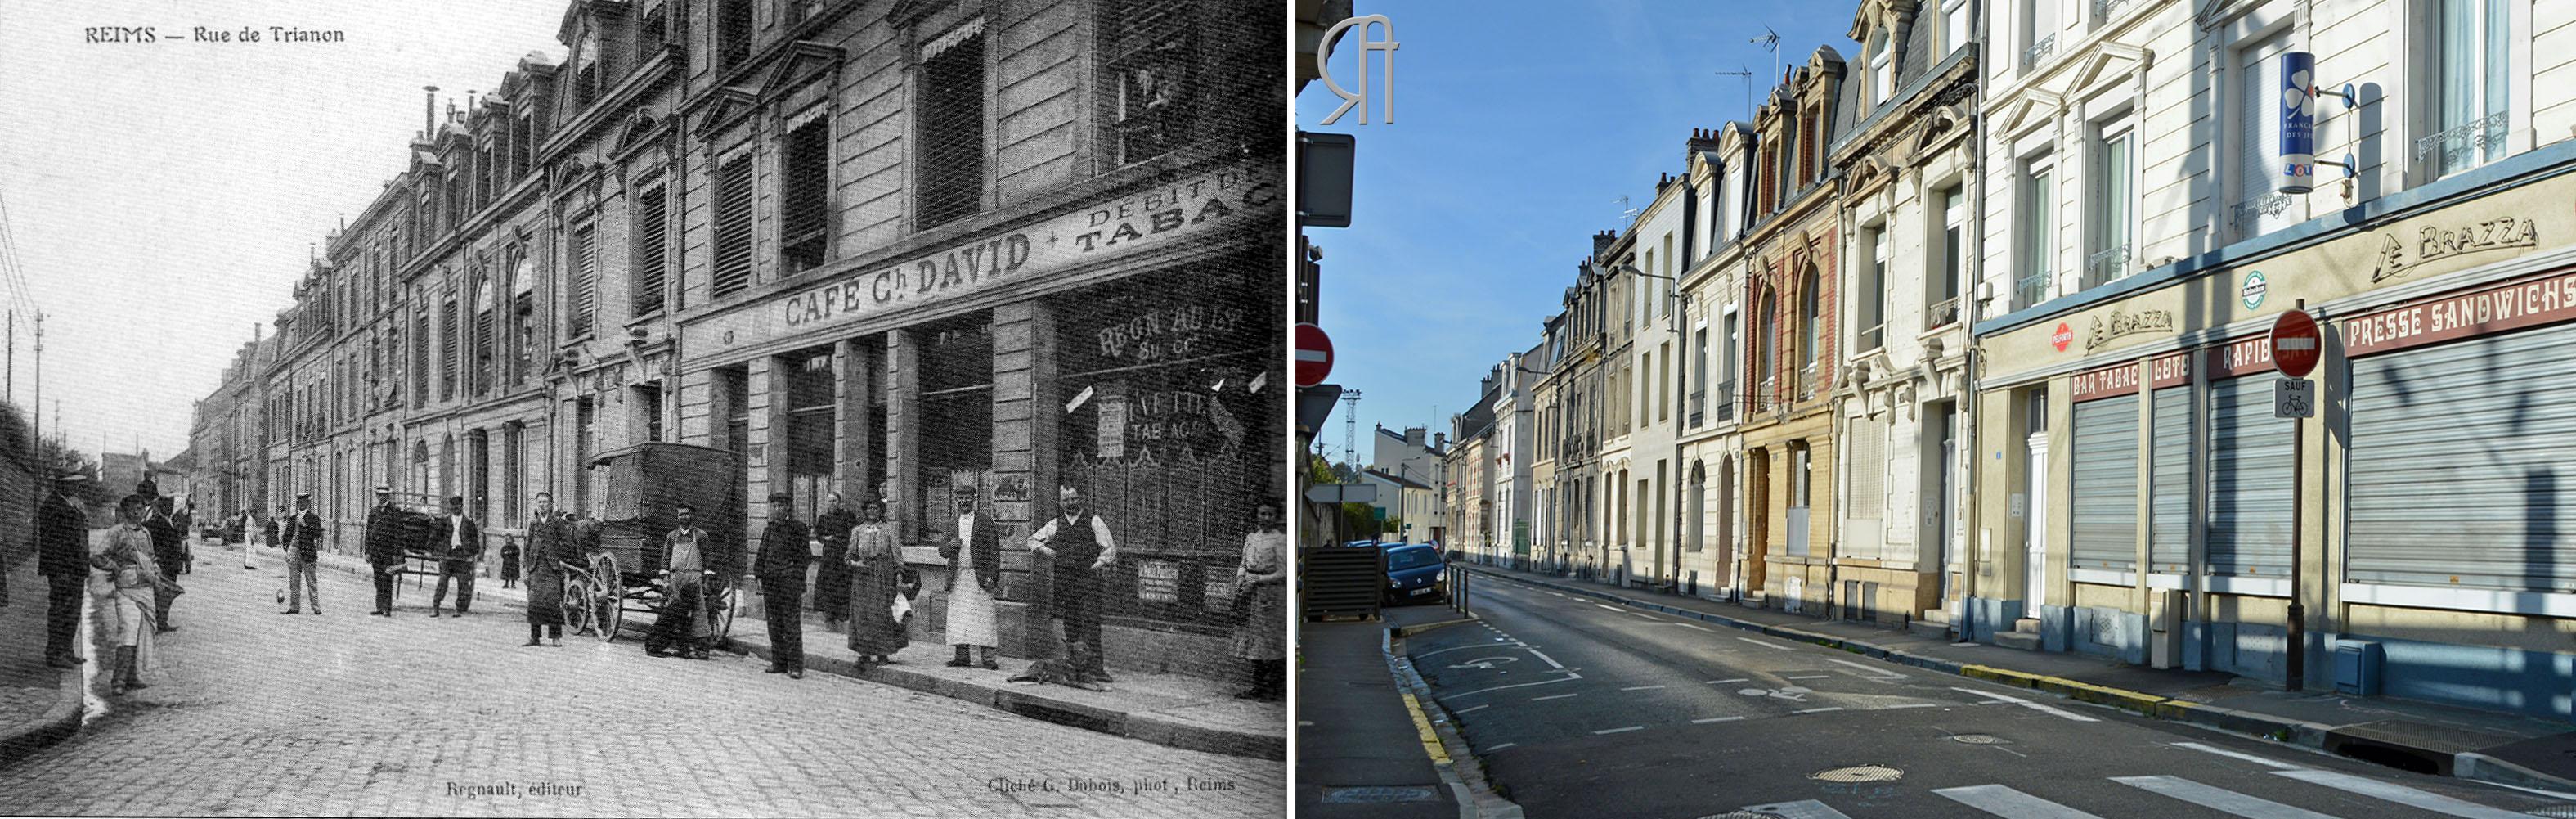 Rue de Trianon